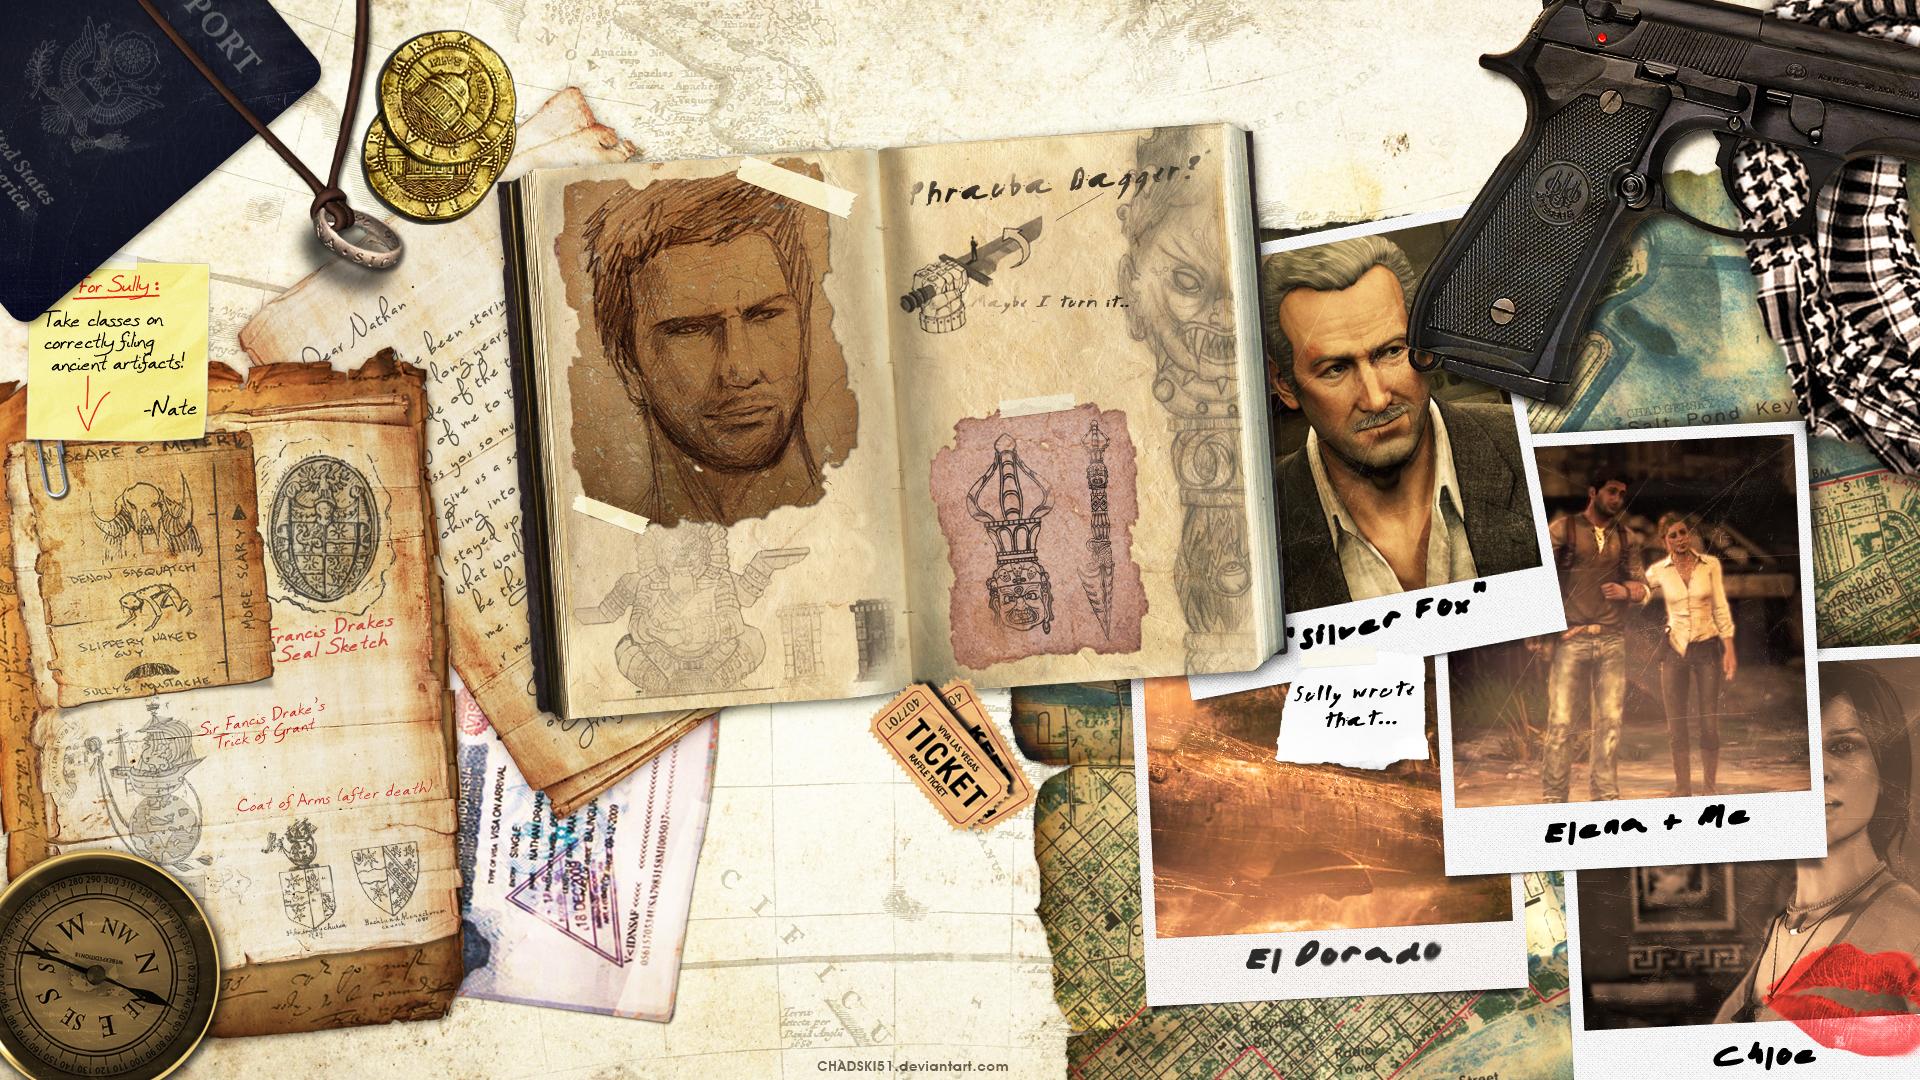 uncharted desktop wallpaper by chadski51 on deviantart